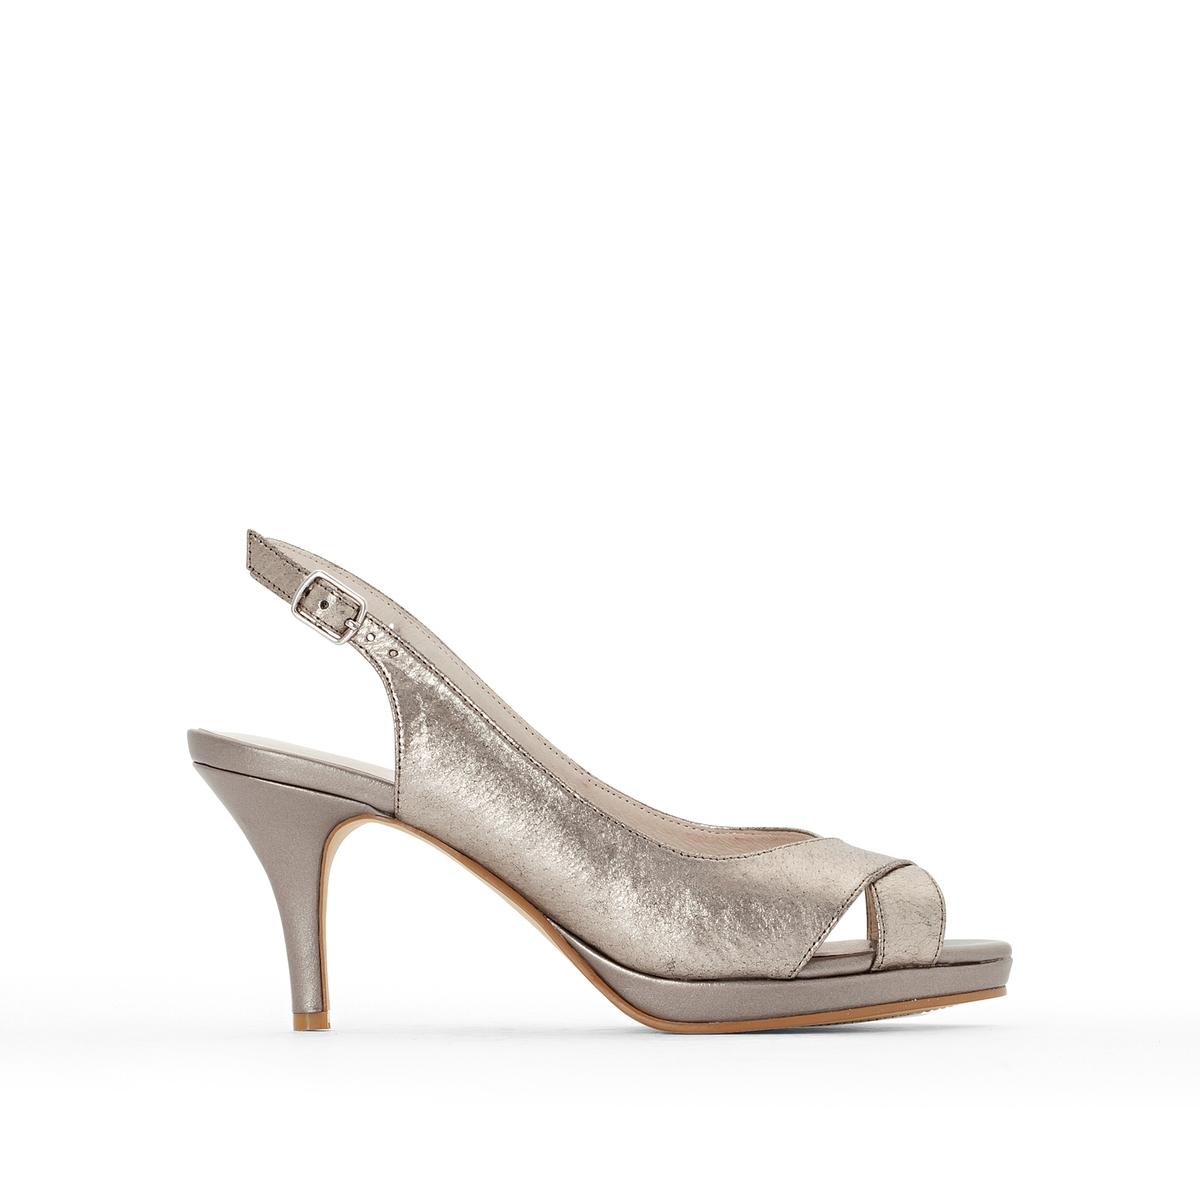 Туфли открытые с металлическим отливом из кожиОткрытые туфли от Anne Weyburn. Застежки на небольшие пряжки по бокам.Верх : невыделанная кожа.Подкладка : кожа.Стелька : Кожа на подкладке из пеноматериала.Подошва : эластомер.Высота каблука : 8 см.<br><br>Цвет: золотистый,серебристый<br>Размер: 38